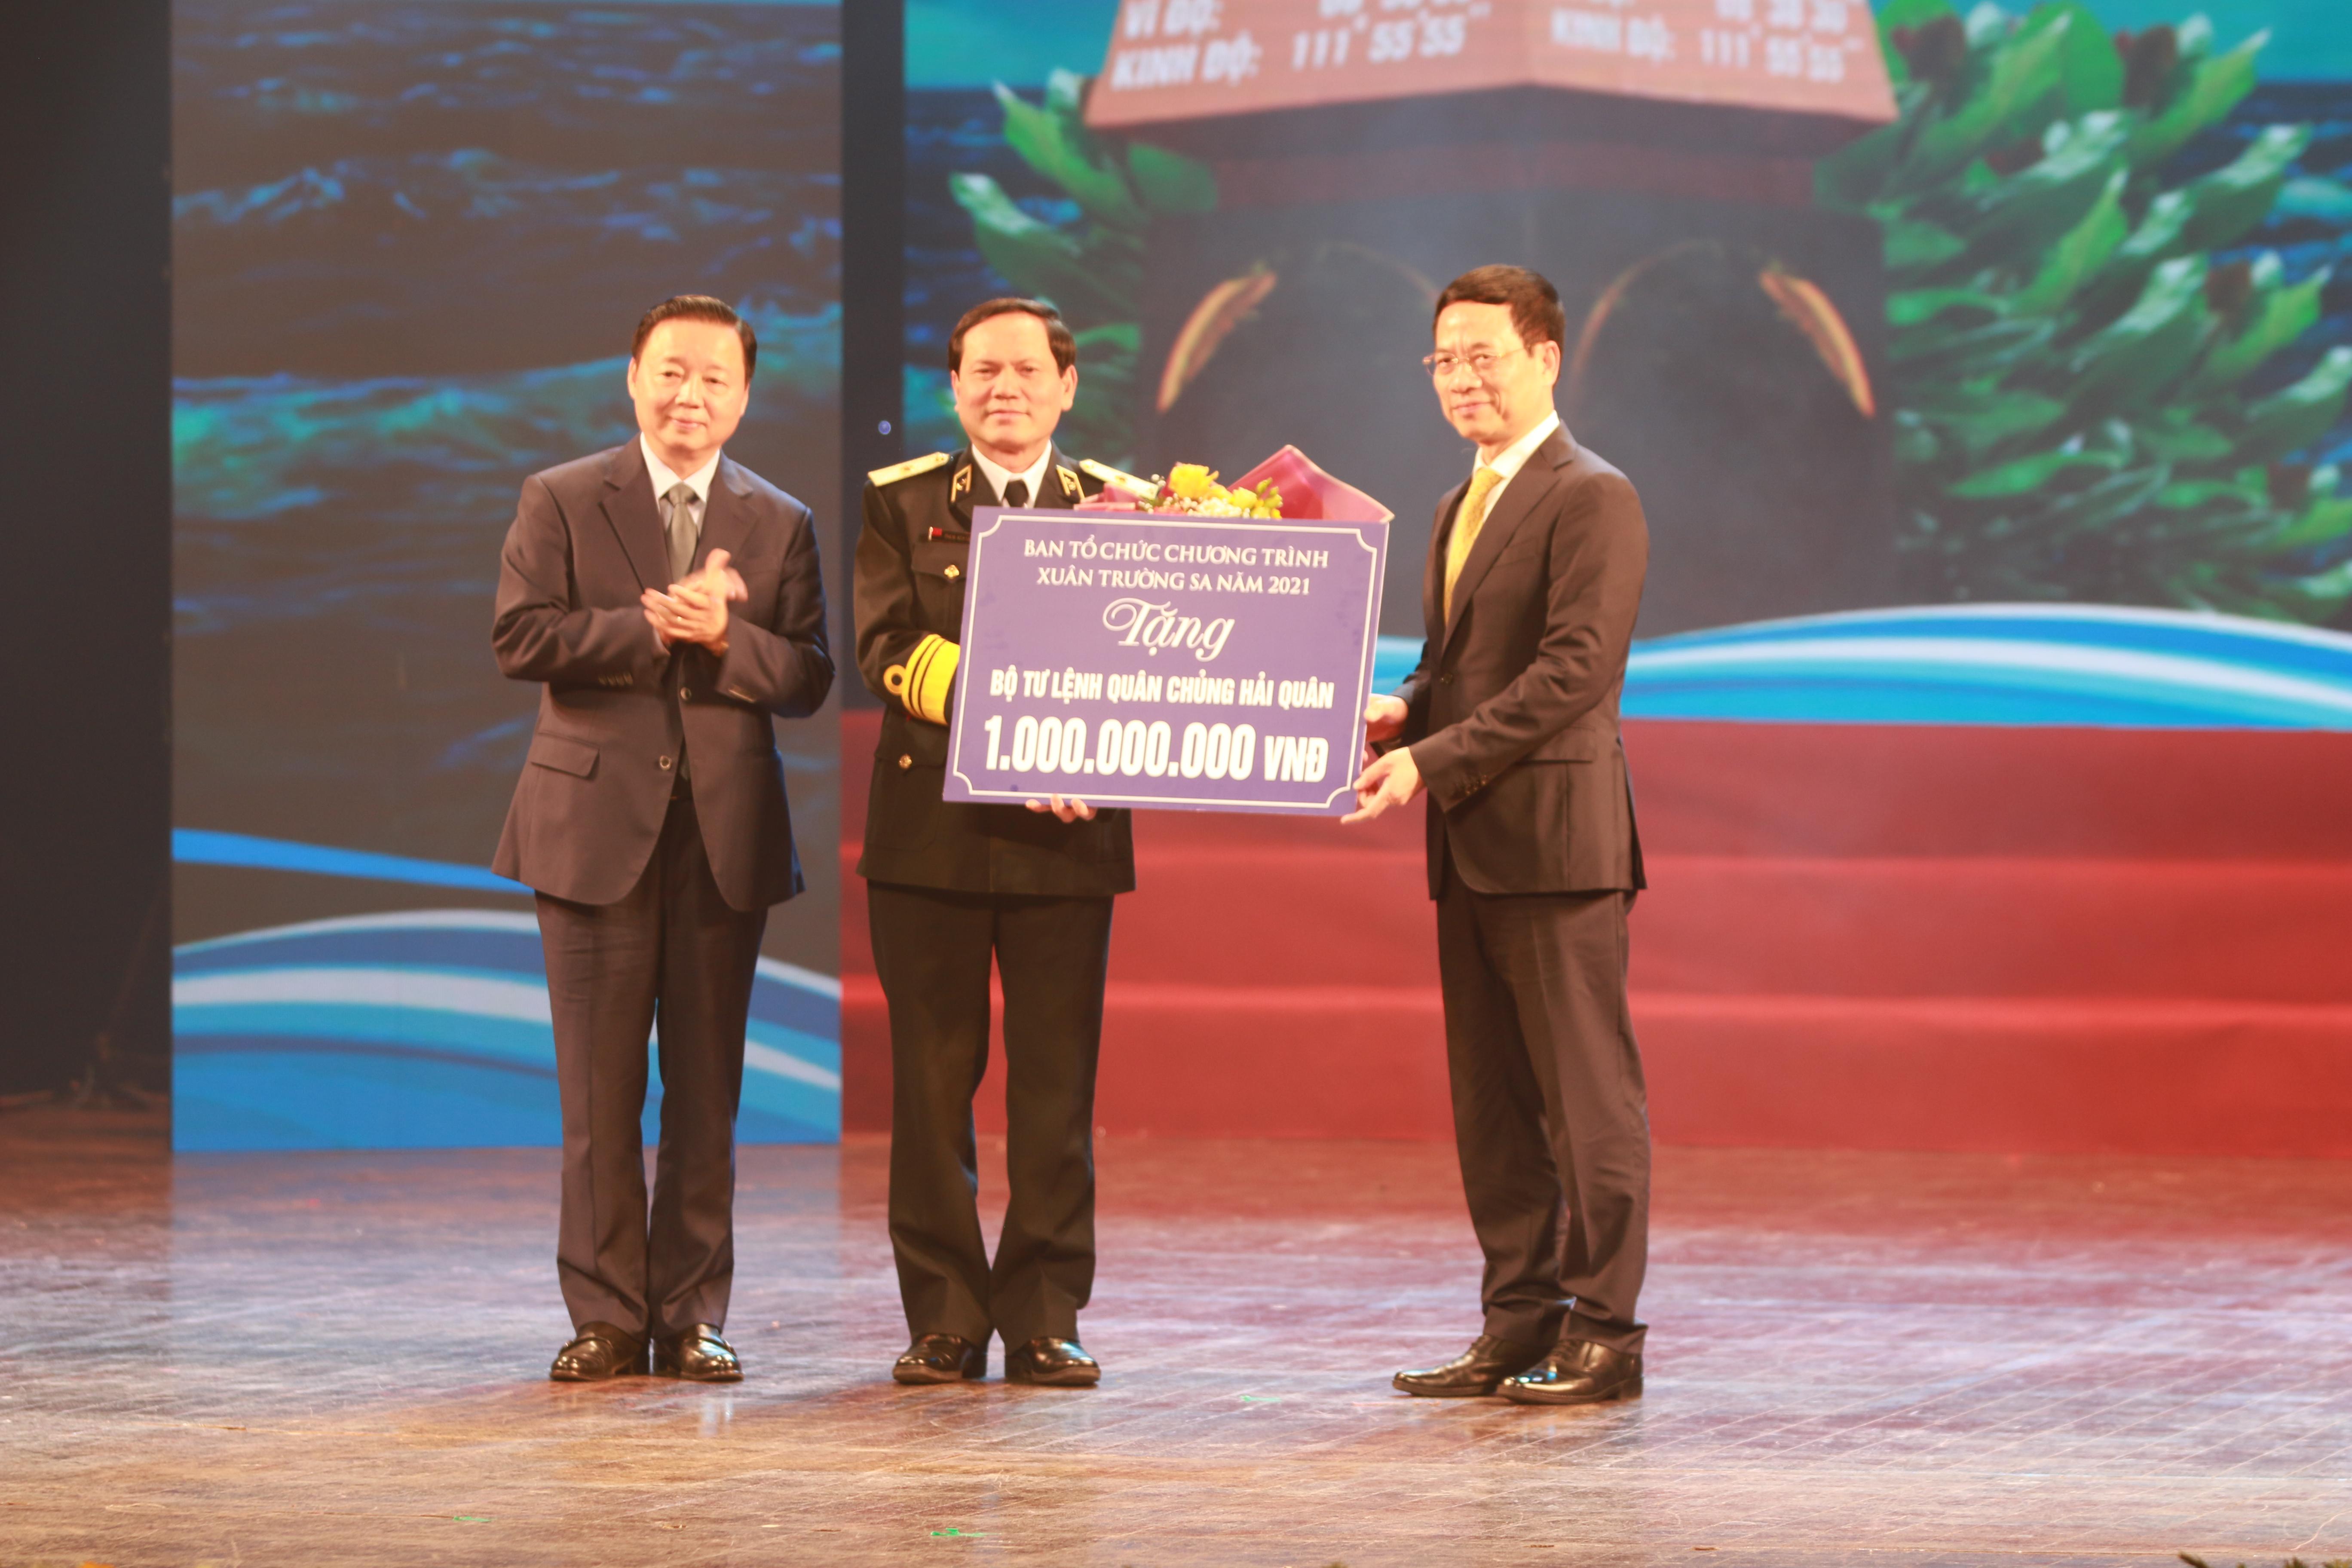 Ông Nguyễn Mạnh Hùng, Bộ trưởng Bộ Thông tin và Truyền thông và ông Trần Hồng Hà, Bộ trưởng Bộ Tài nguyên Môi trường trao quà của Ban Tổ chức Chương trình Xuân Trường Sa năm 2021 cho Bộ Tư lệnh Quân chủng Hải Quân